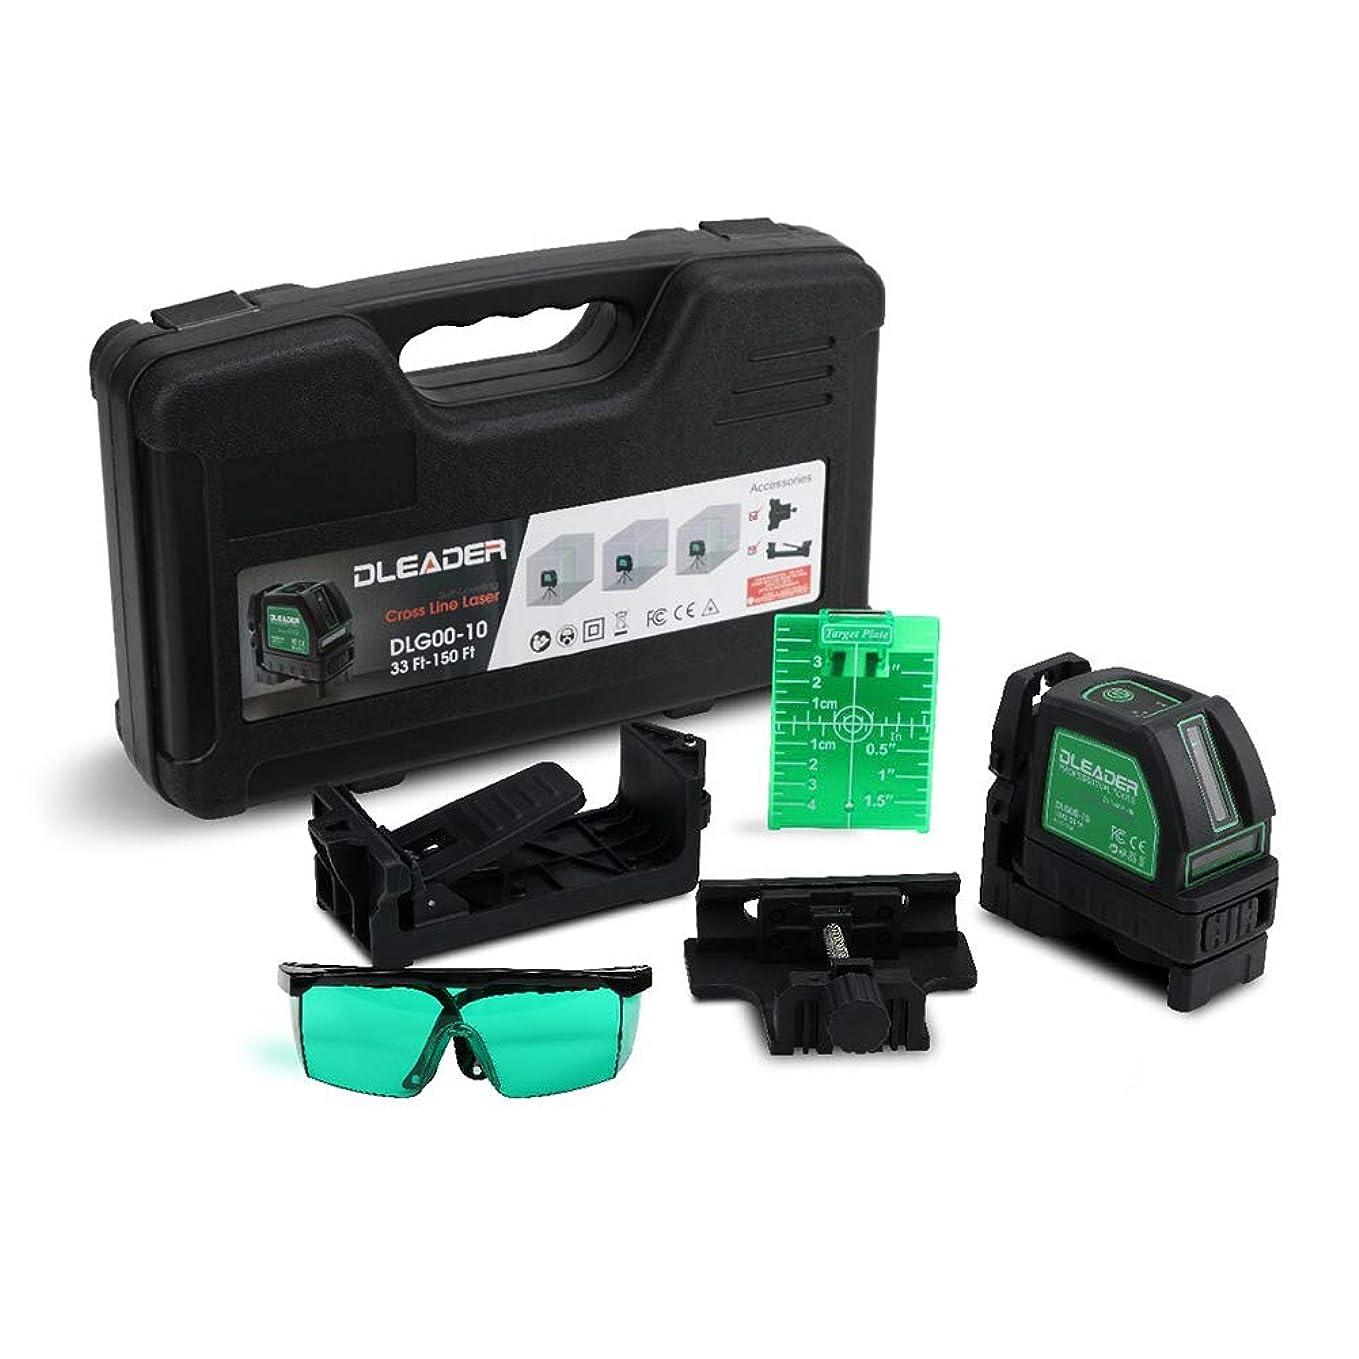 漂流耐える漏斗レーザーレベルキット、クロスラインレーザーミュートレベル、磁気取り付けベース付き保護メガネ,グリーン